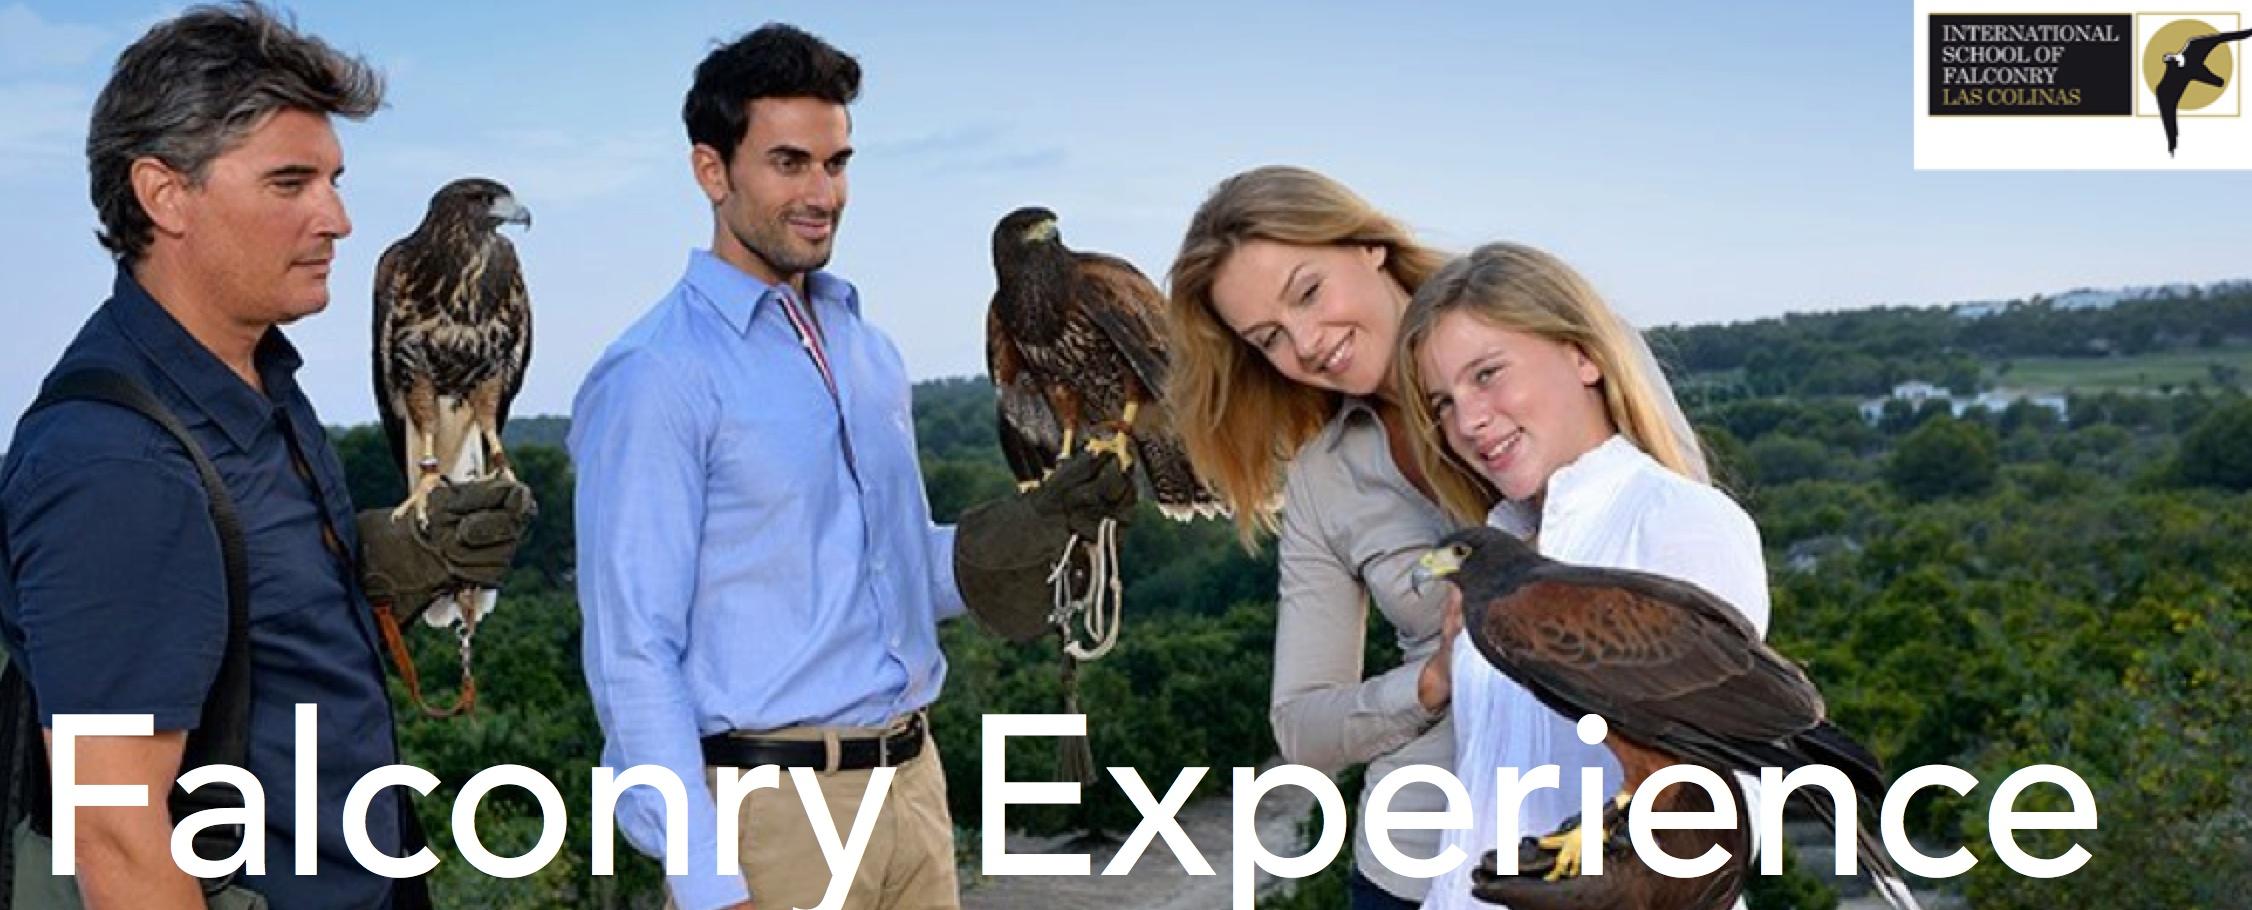 Falconry experience Las Colinas